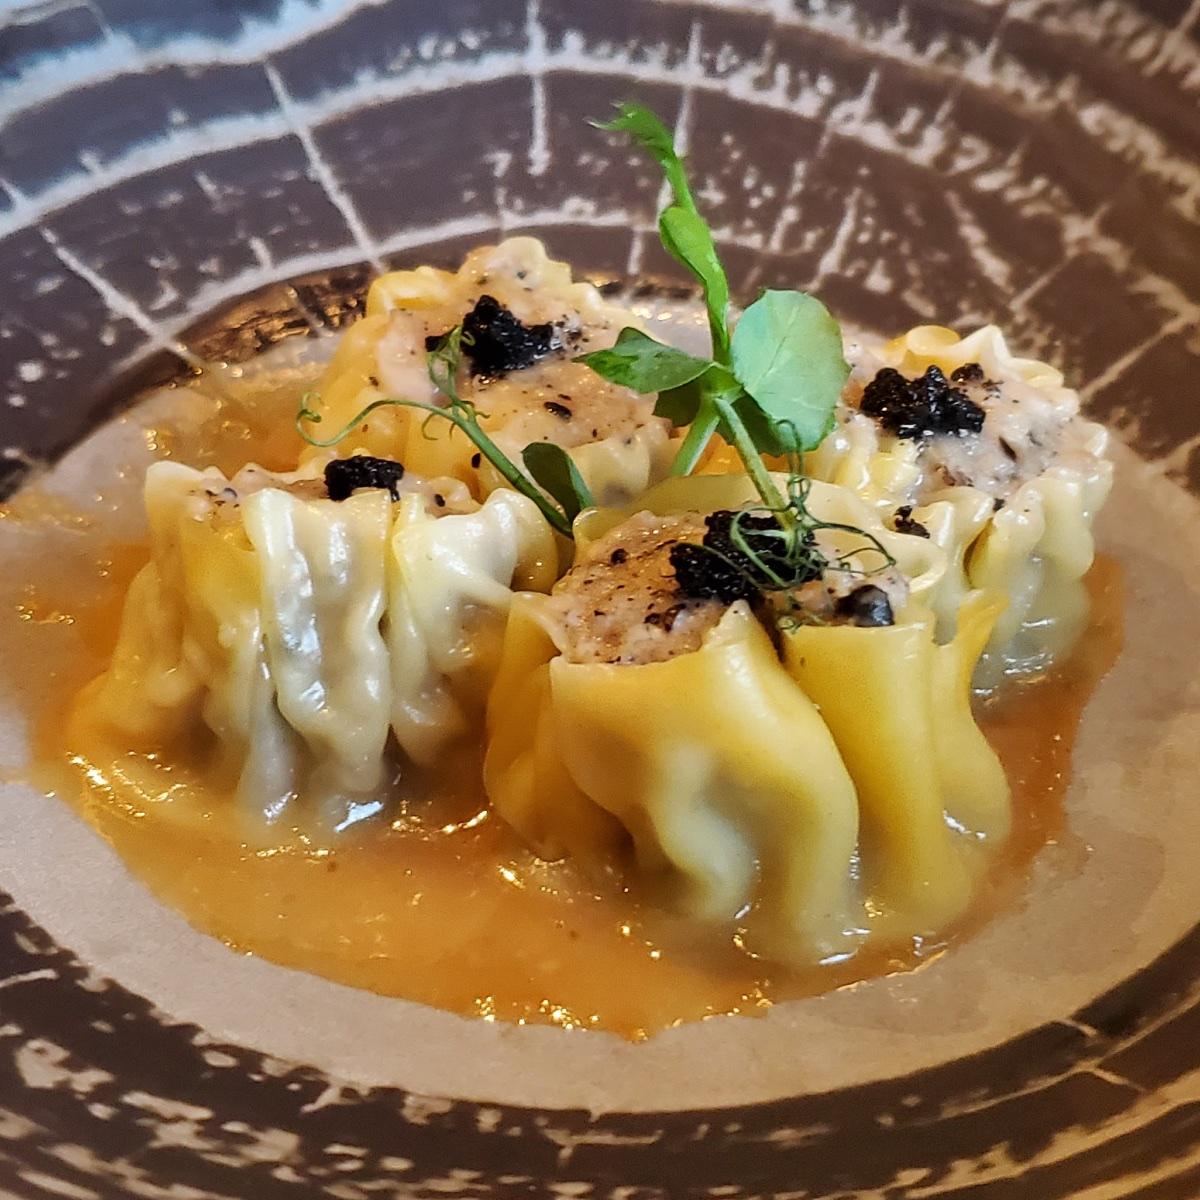 Shu Mei dumplings